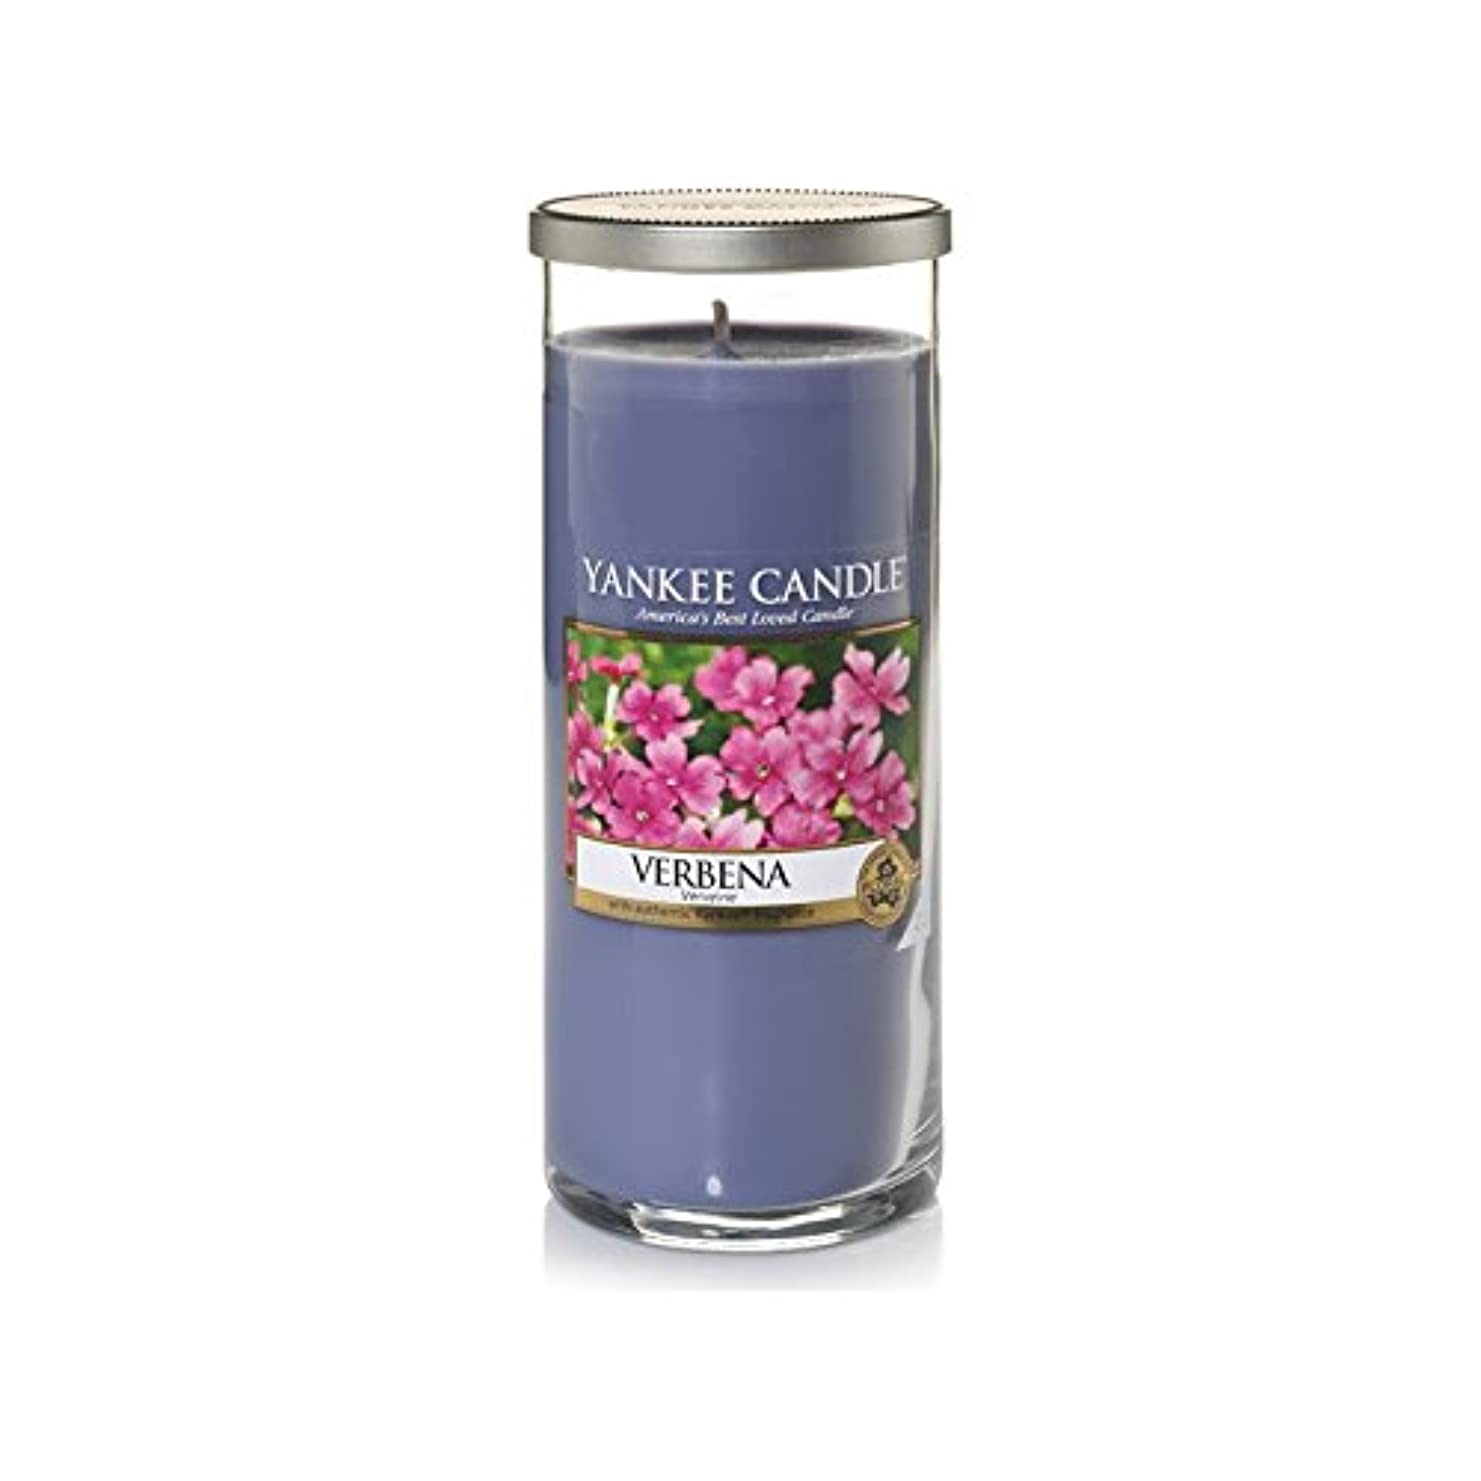 セッションズボンジャンピングジャックYankee Candles Large Pillar Candle - Verbena (Pack of 2) - ヤンキーキャンドル大きな柱キャンドル - バーベナ (x2) [並行輸入品]